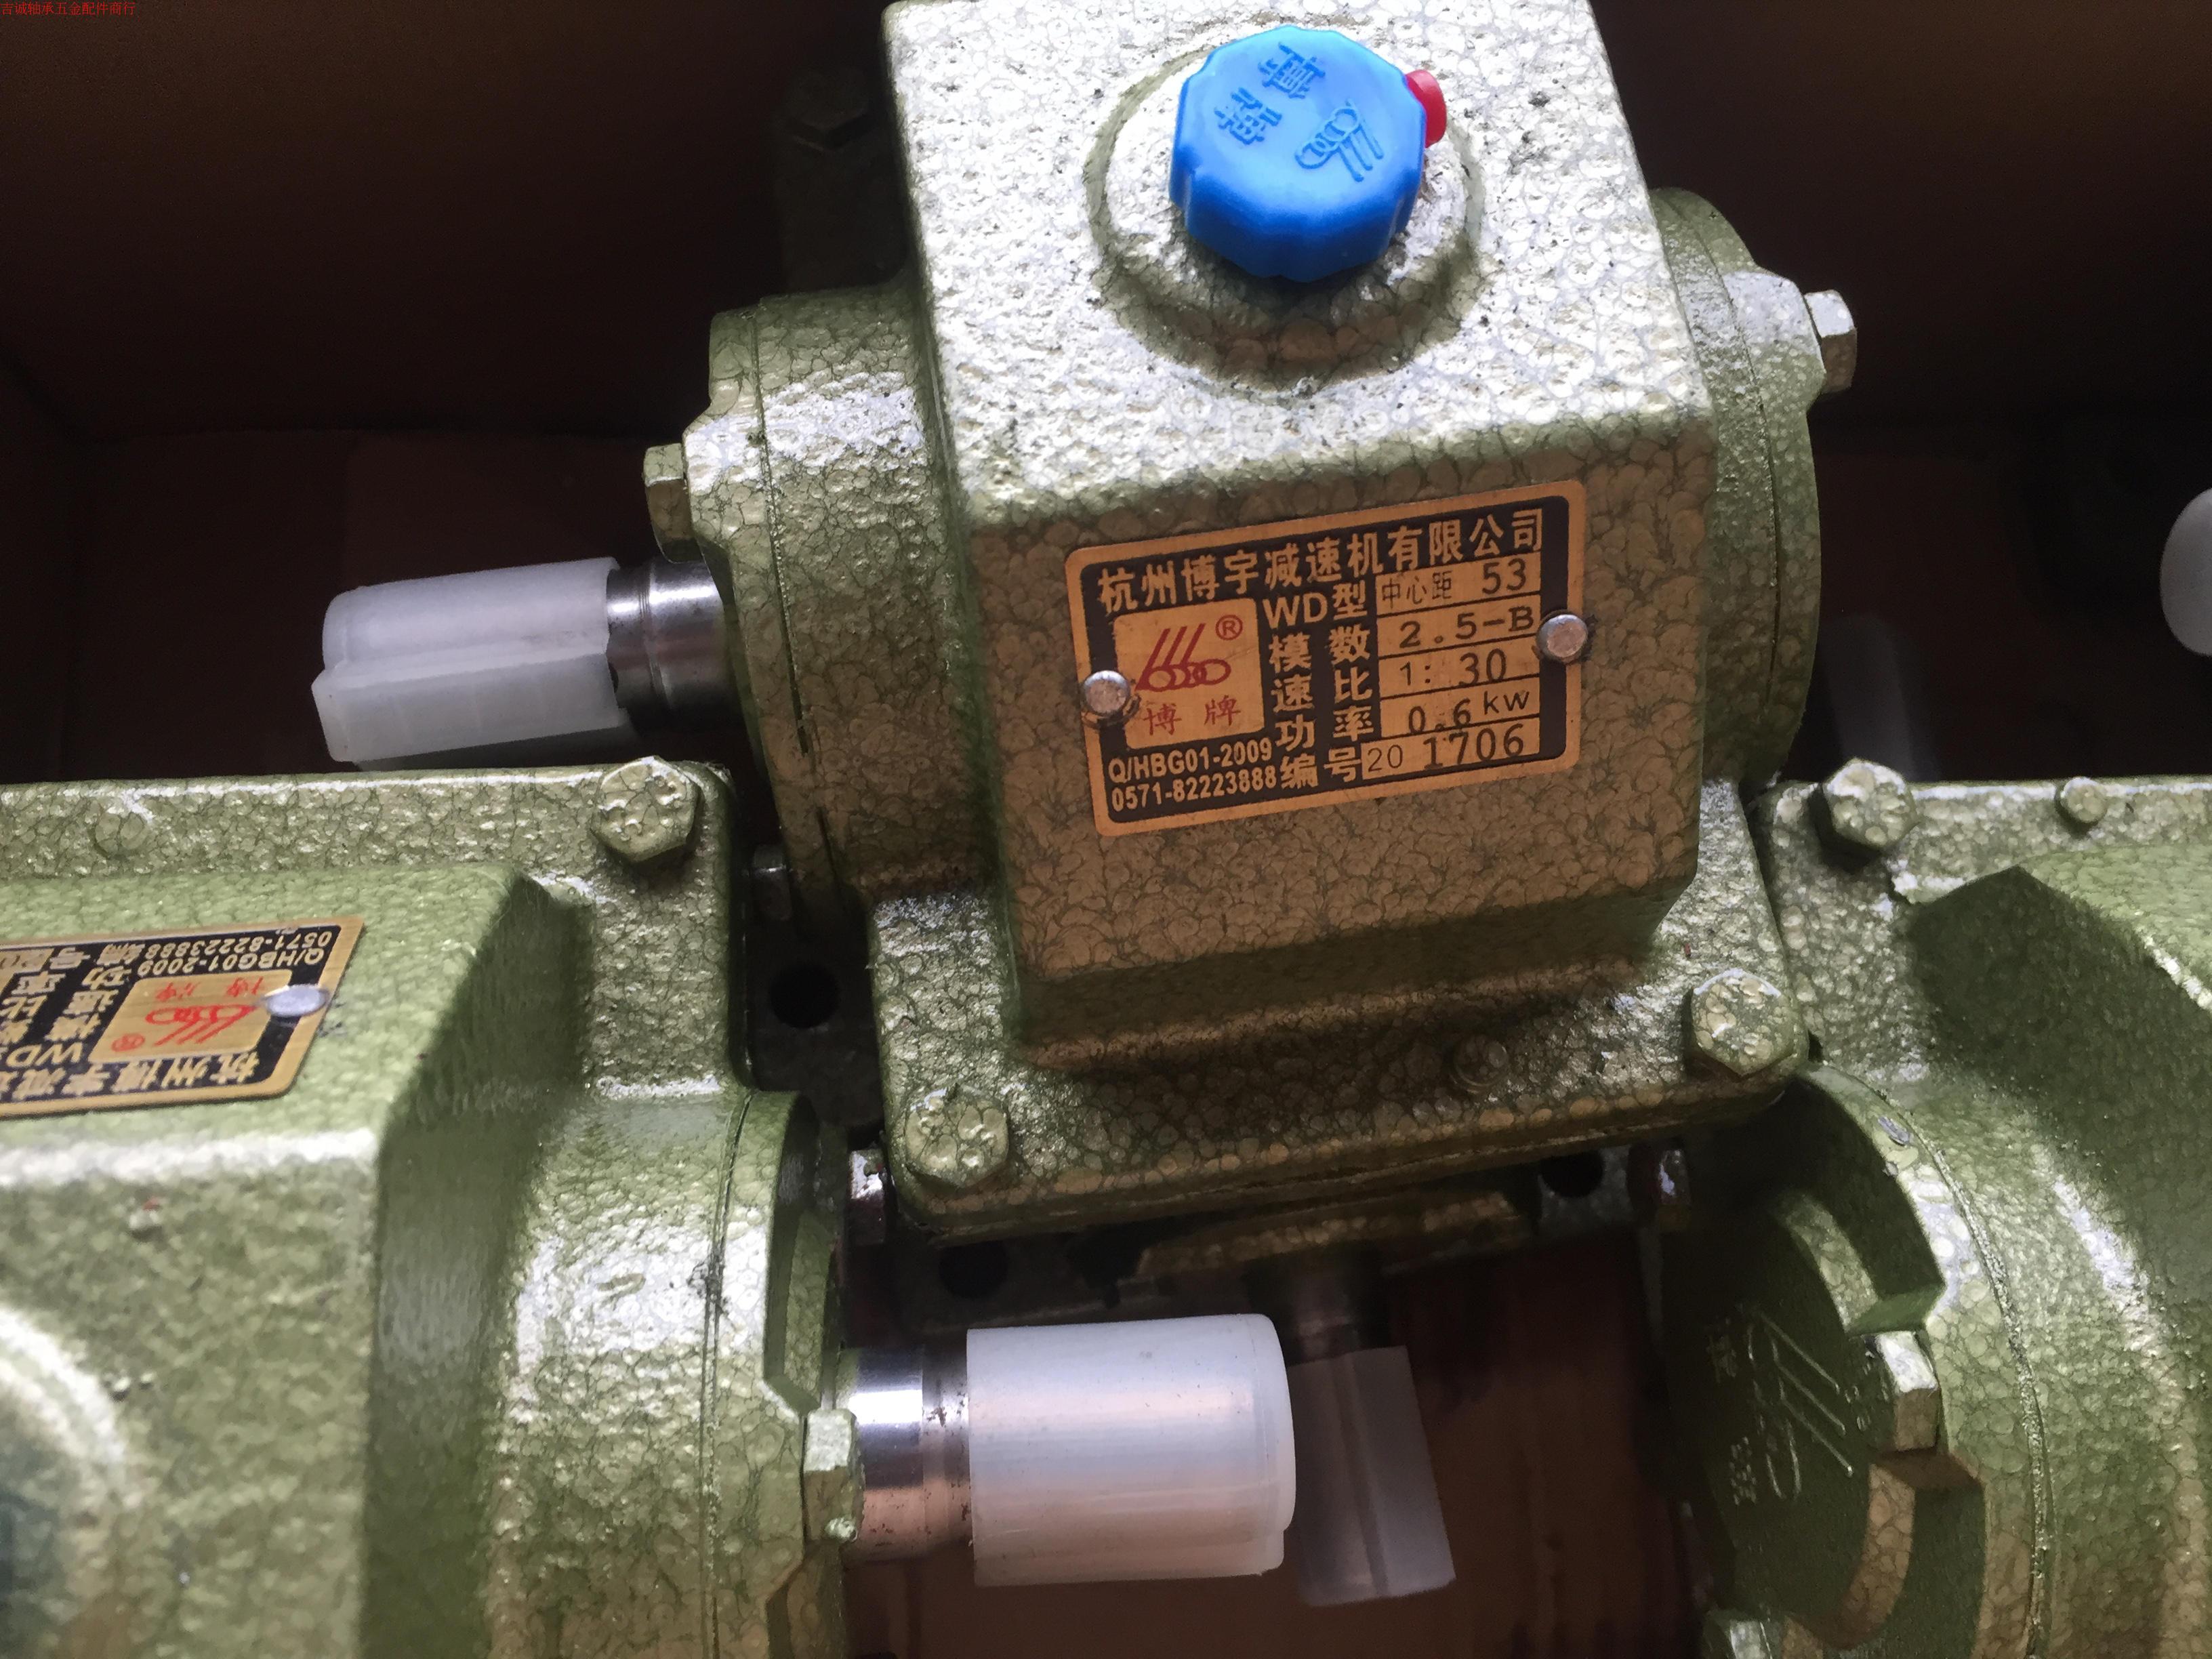 博牌 博宇减速机 齿轮箱 齿轮减速机 1.5模 2模 2.5模  3模  4模